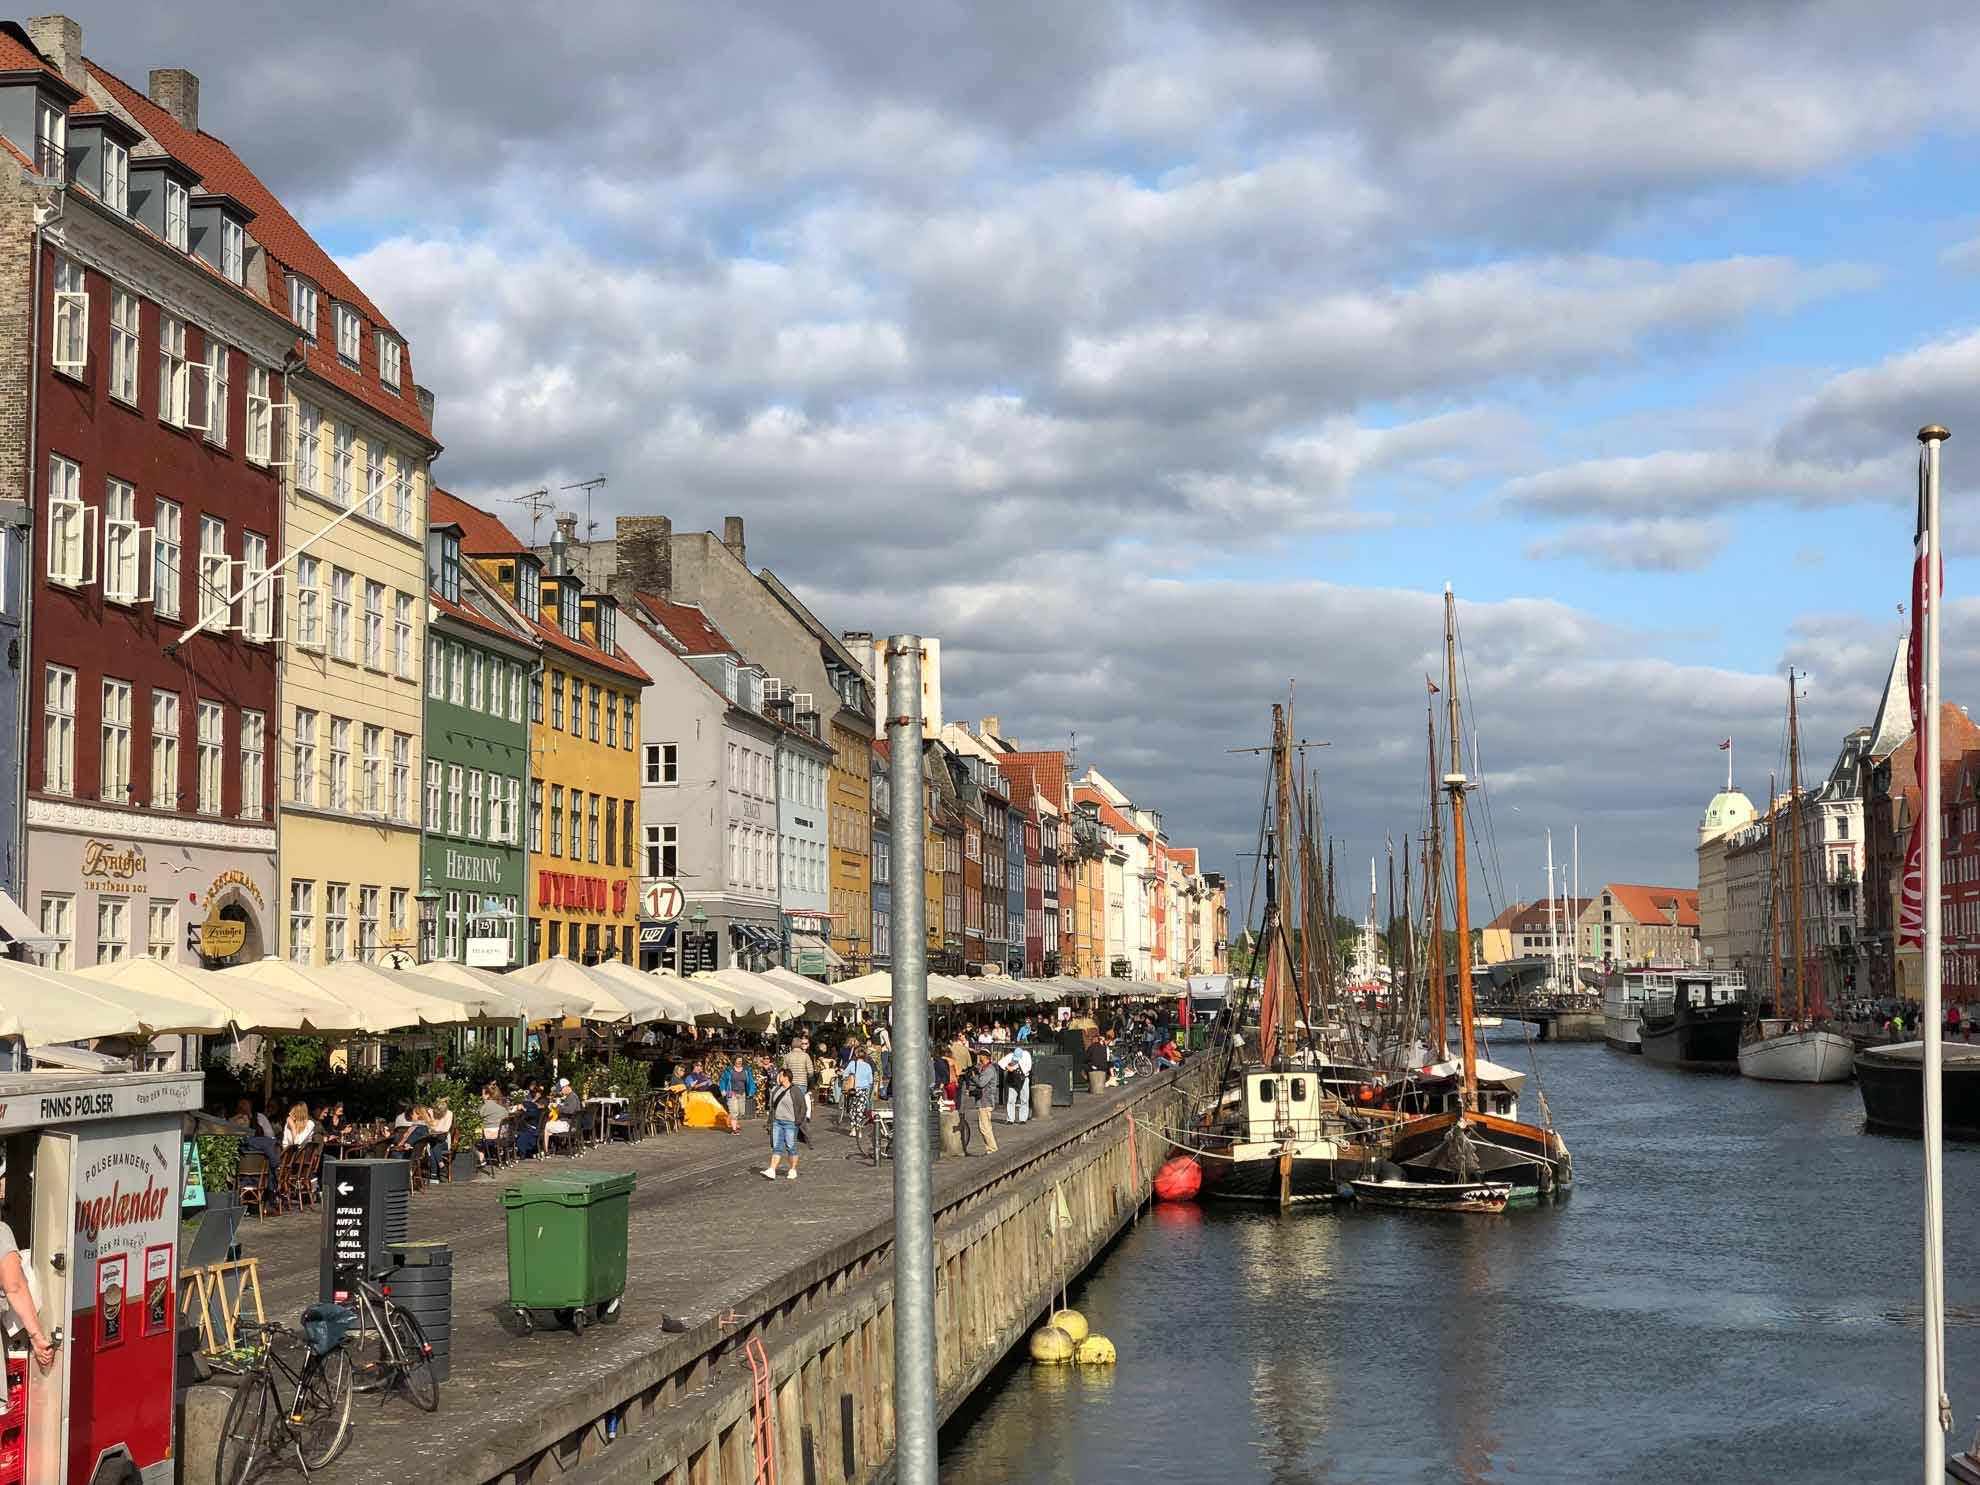 Die dänische Hauptstadt empfängt uns mit Trubel und bunten Eindrücken nach den ruhigen Zielen der vergangenen Wochen